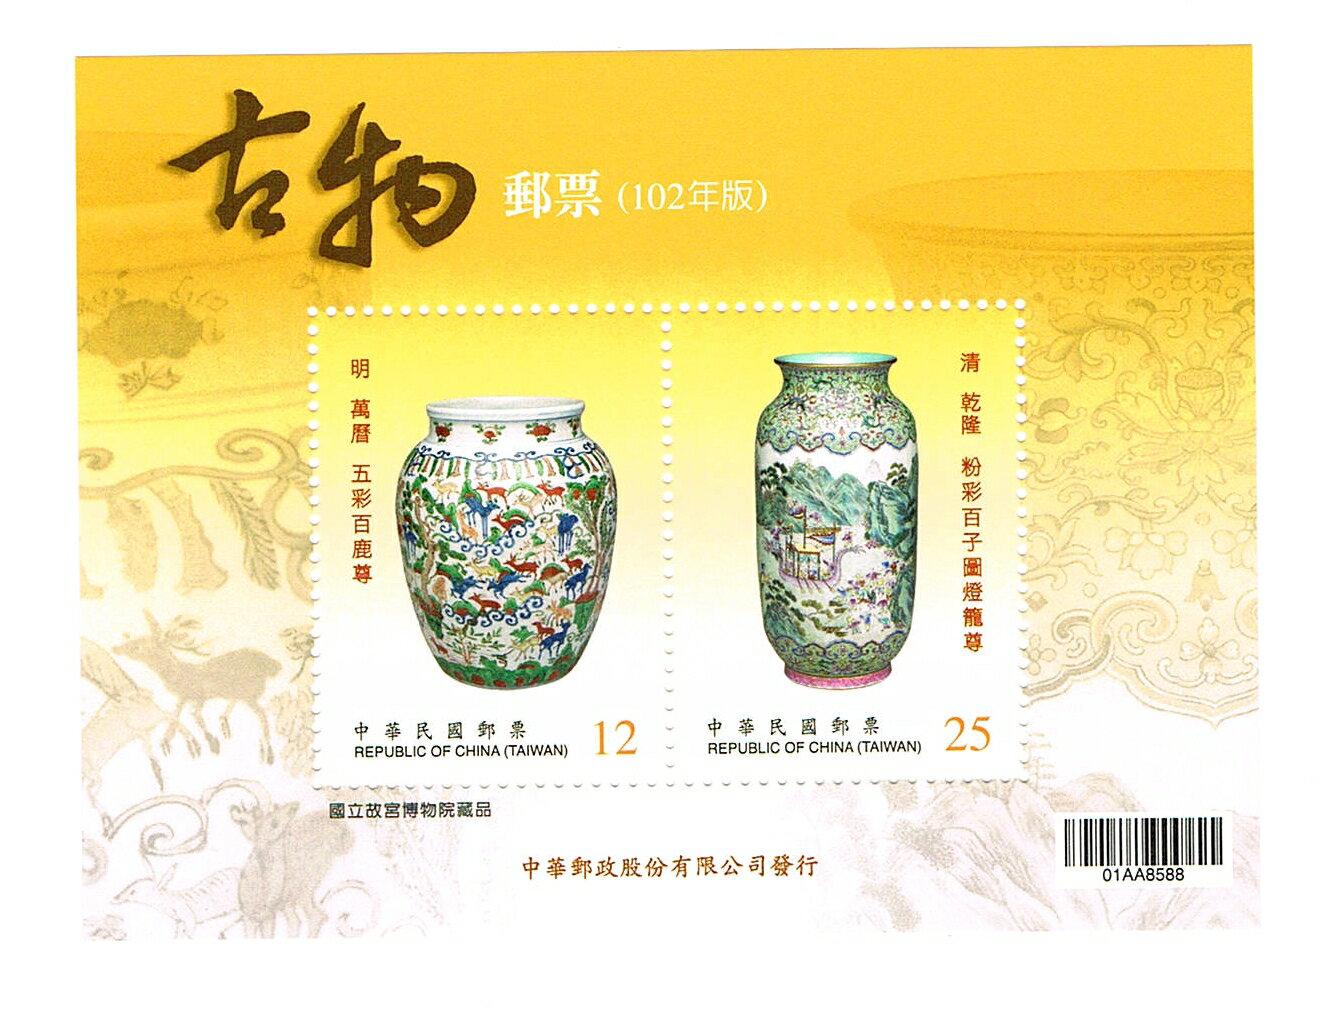 全国送料無料!台湾お土産 台湾切手 故宮博物院収蔵品 古物切手